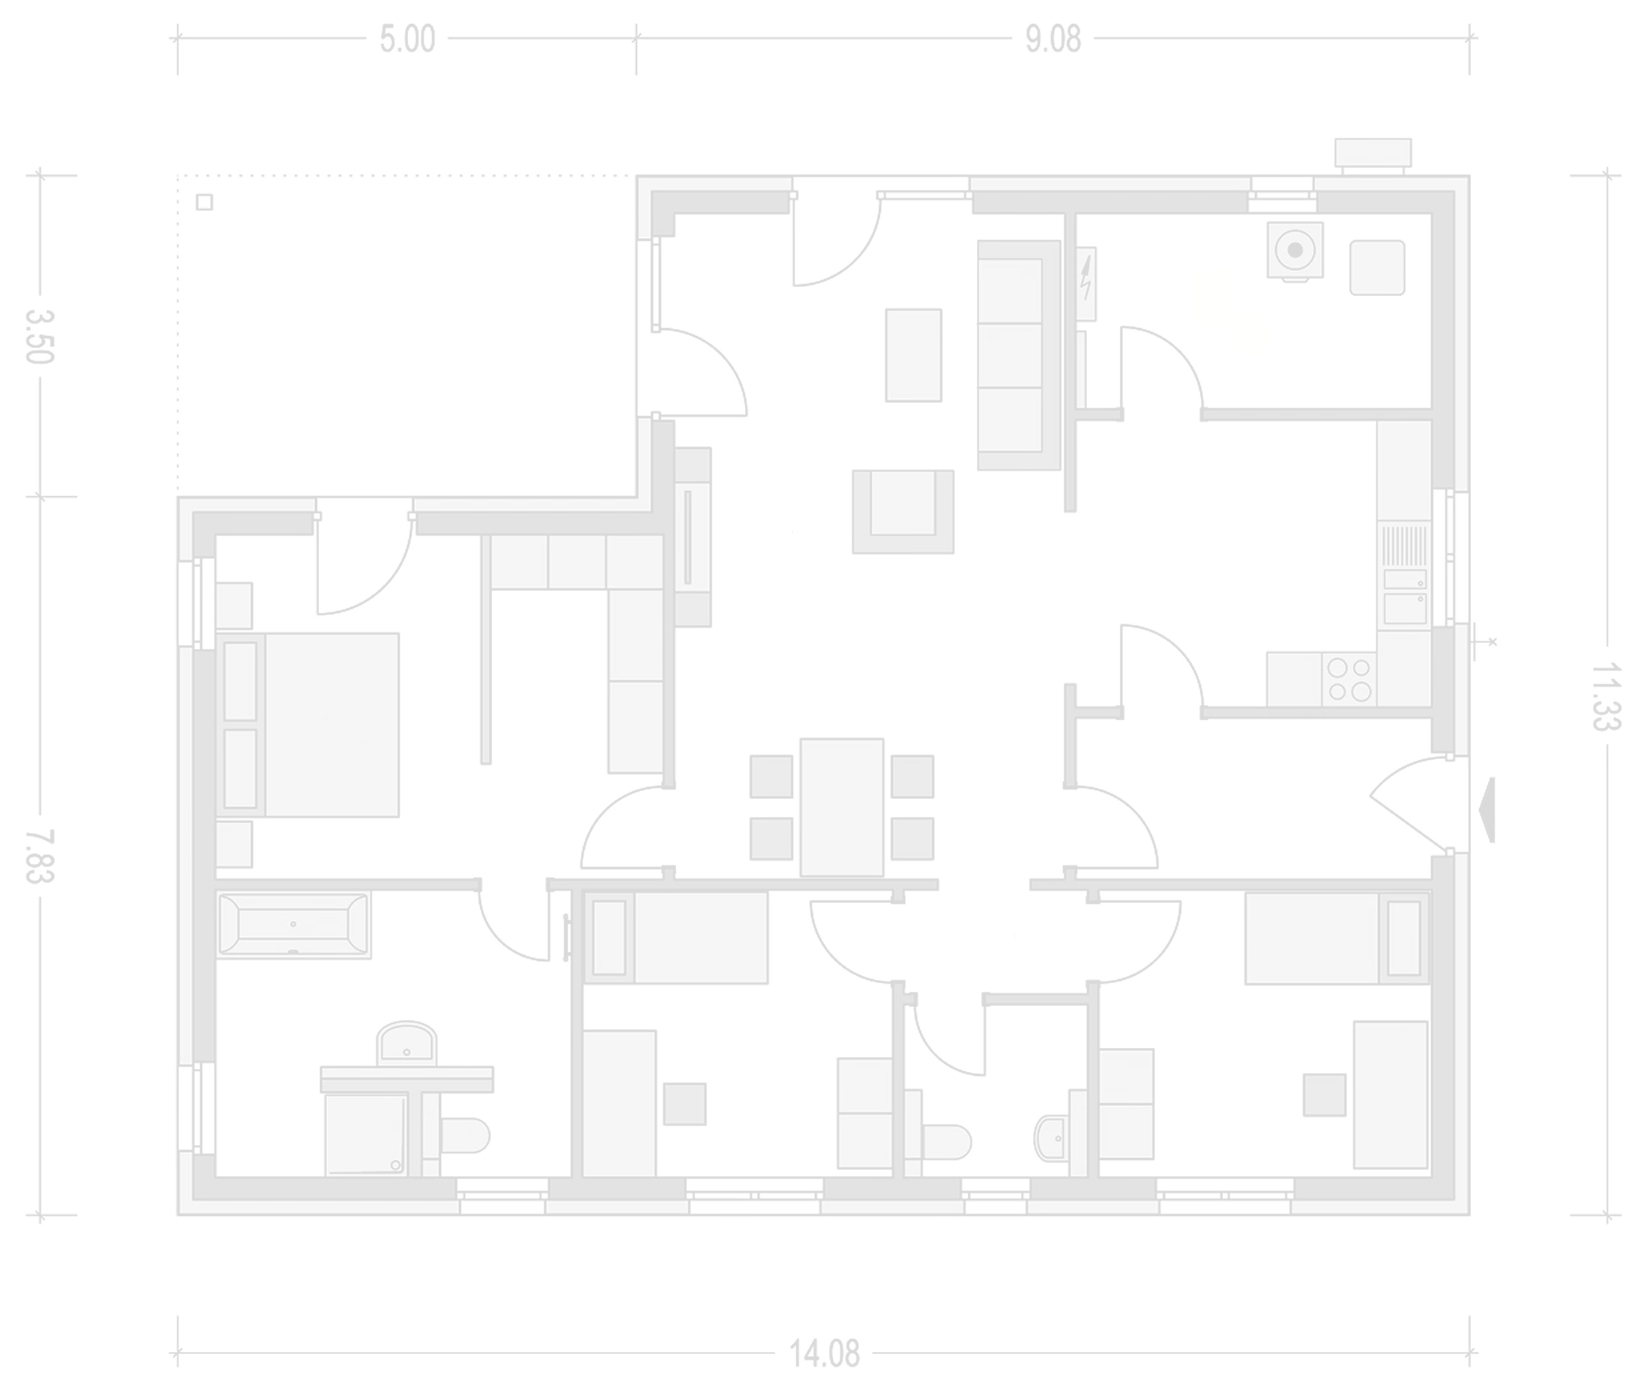 Planimetria della costruzione Casa in Legno modello  Casa Klaus di Vibrobloc S.p.A.